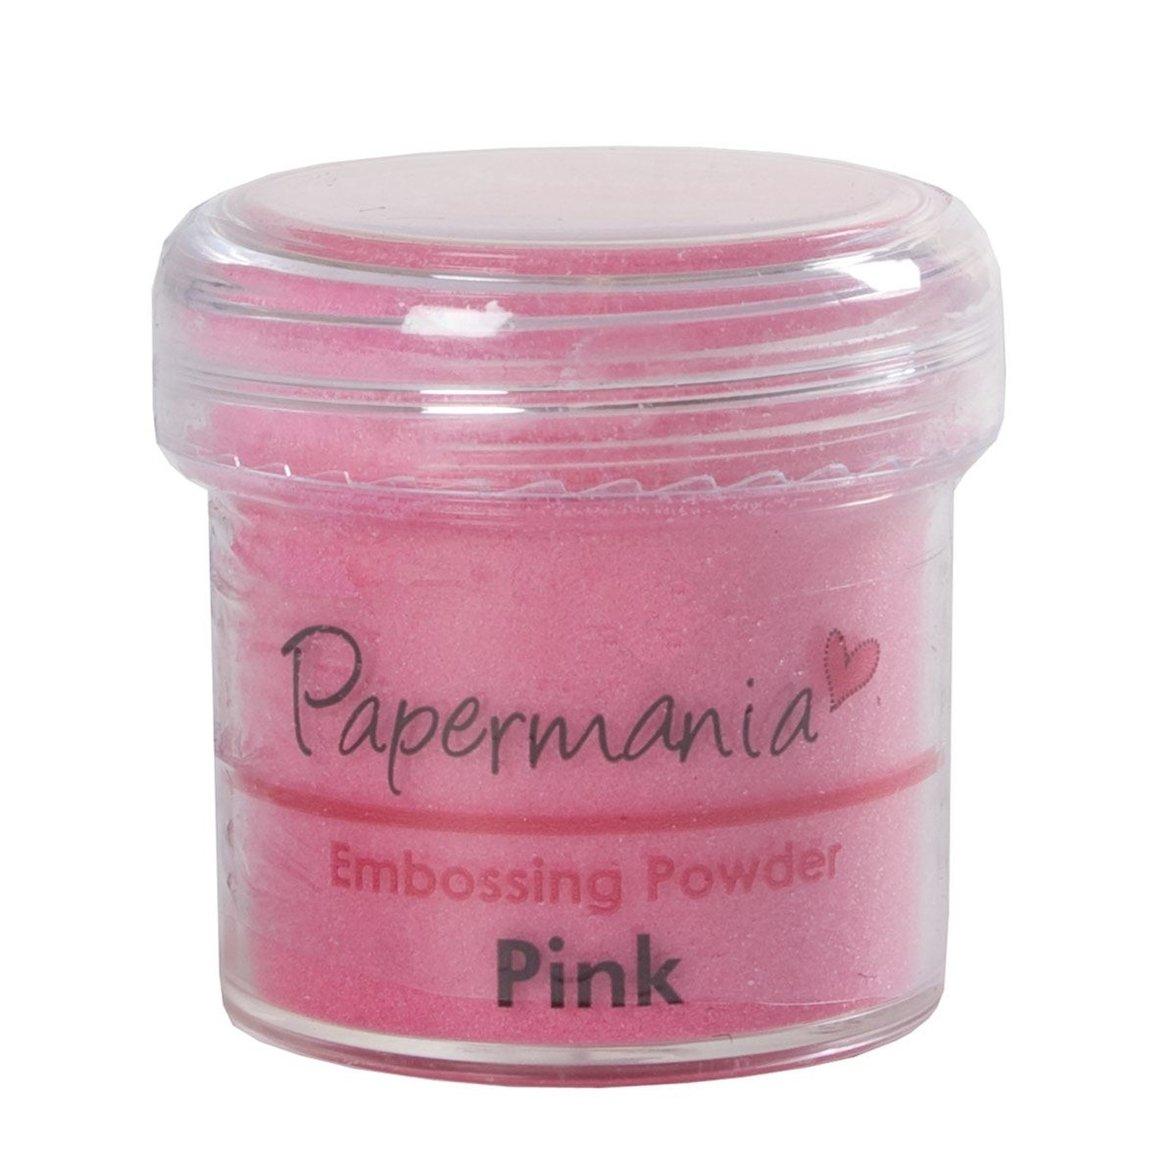 Docrafts-Polvere per goffratura, 28 g, colore: rosa PMA 4021001